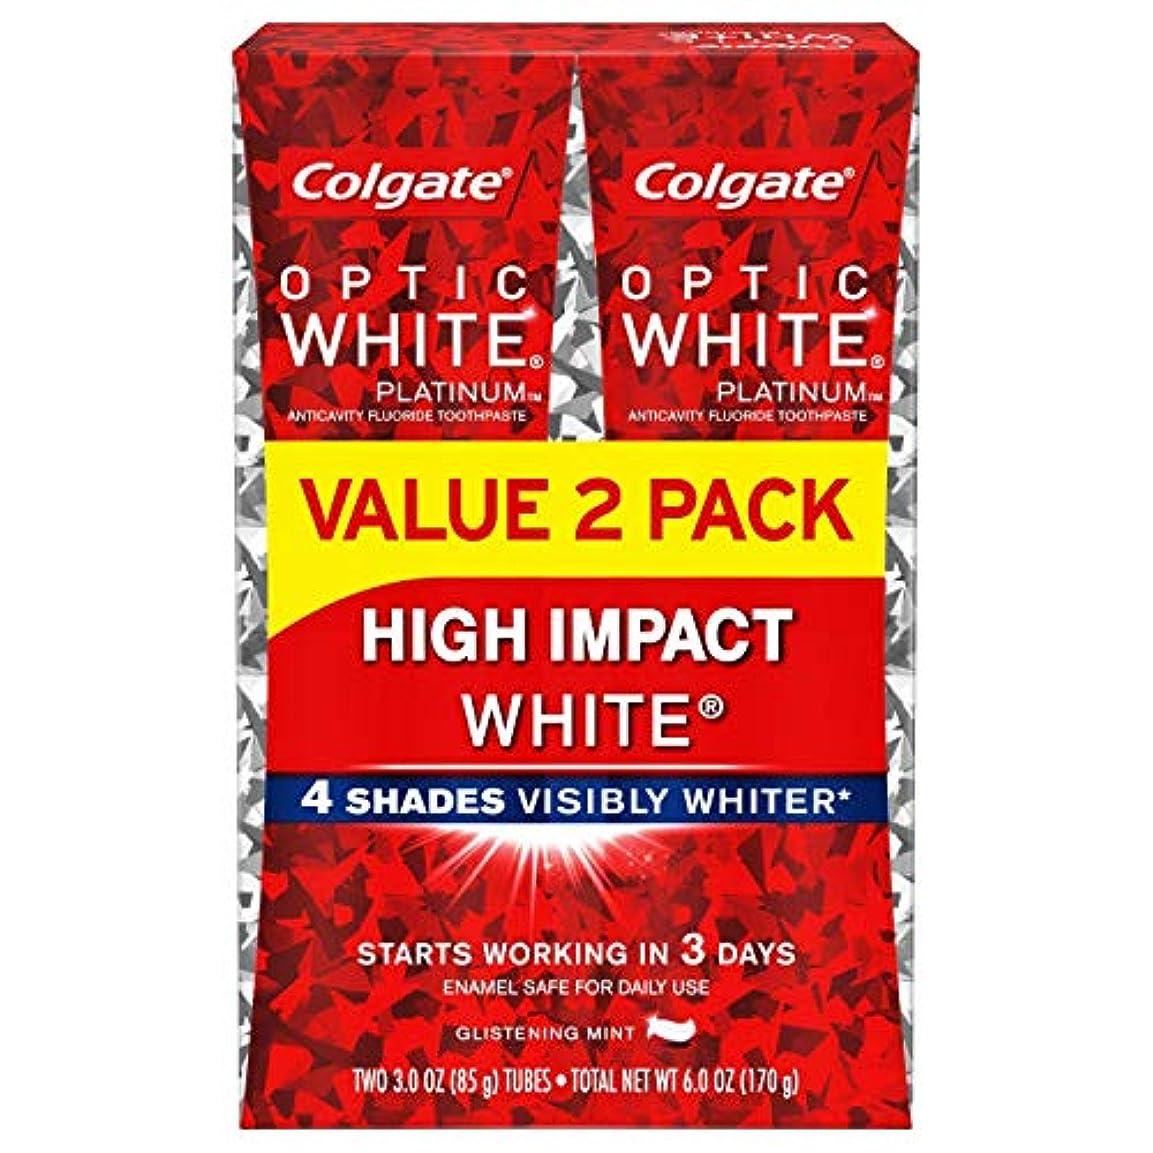 吸収剤お風呂五Colgate Optic White High Impact White 練り歯磨き [並行輸入品] (2個セット)